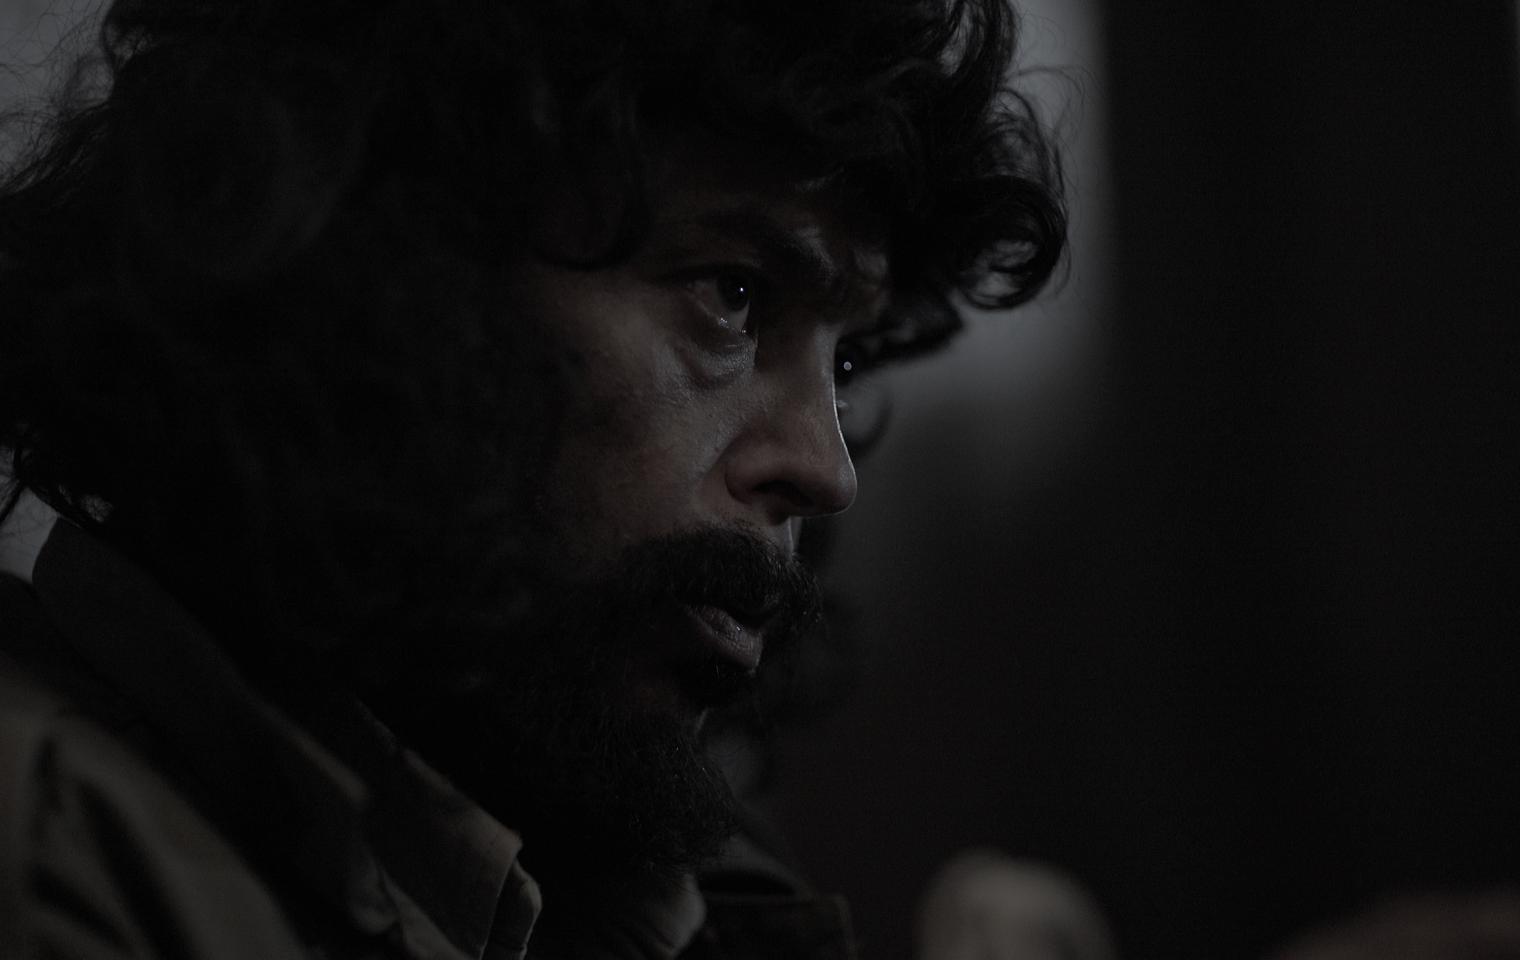 largometraje: La última mirada del Che Guevara Pliegues